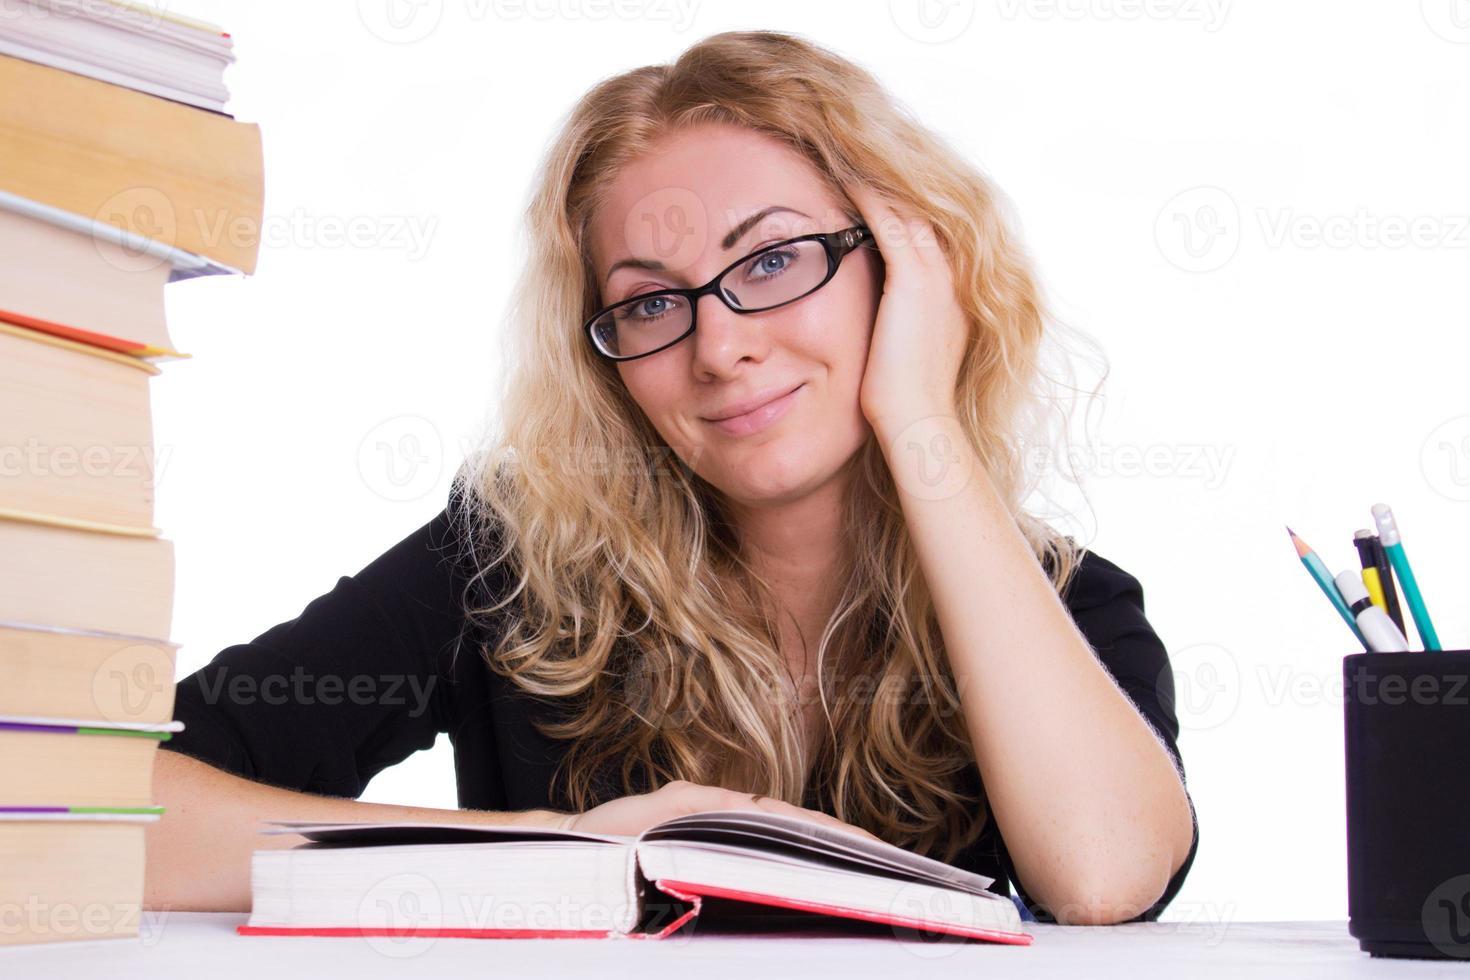 ragazza studentessa sorridente con una pila di libri foto